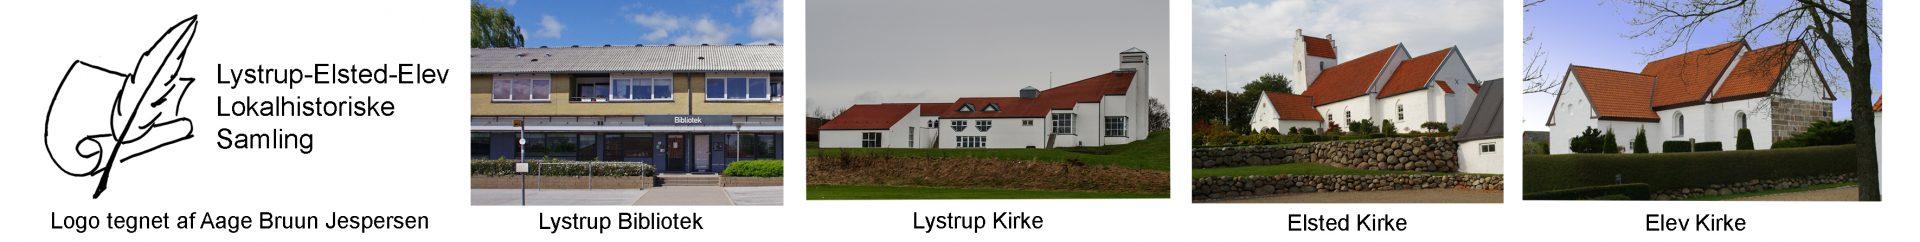 Lystrup-Elsted-Elev Lokalhistoriske Samling